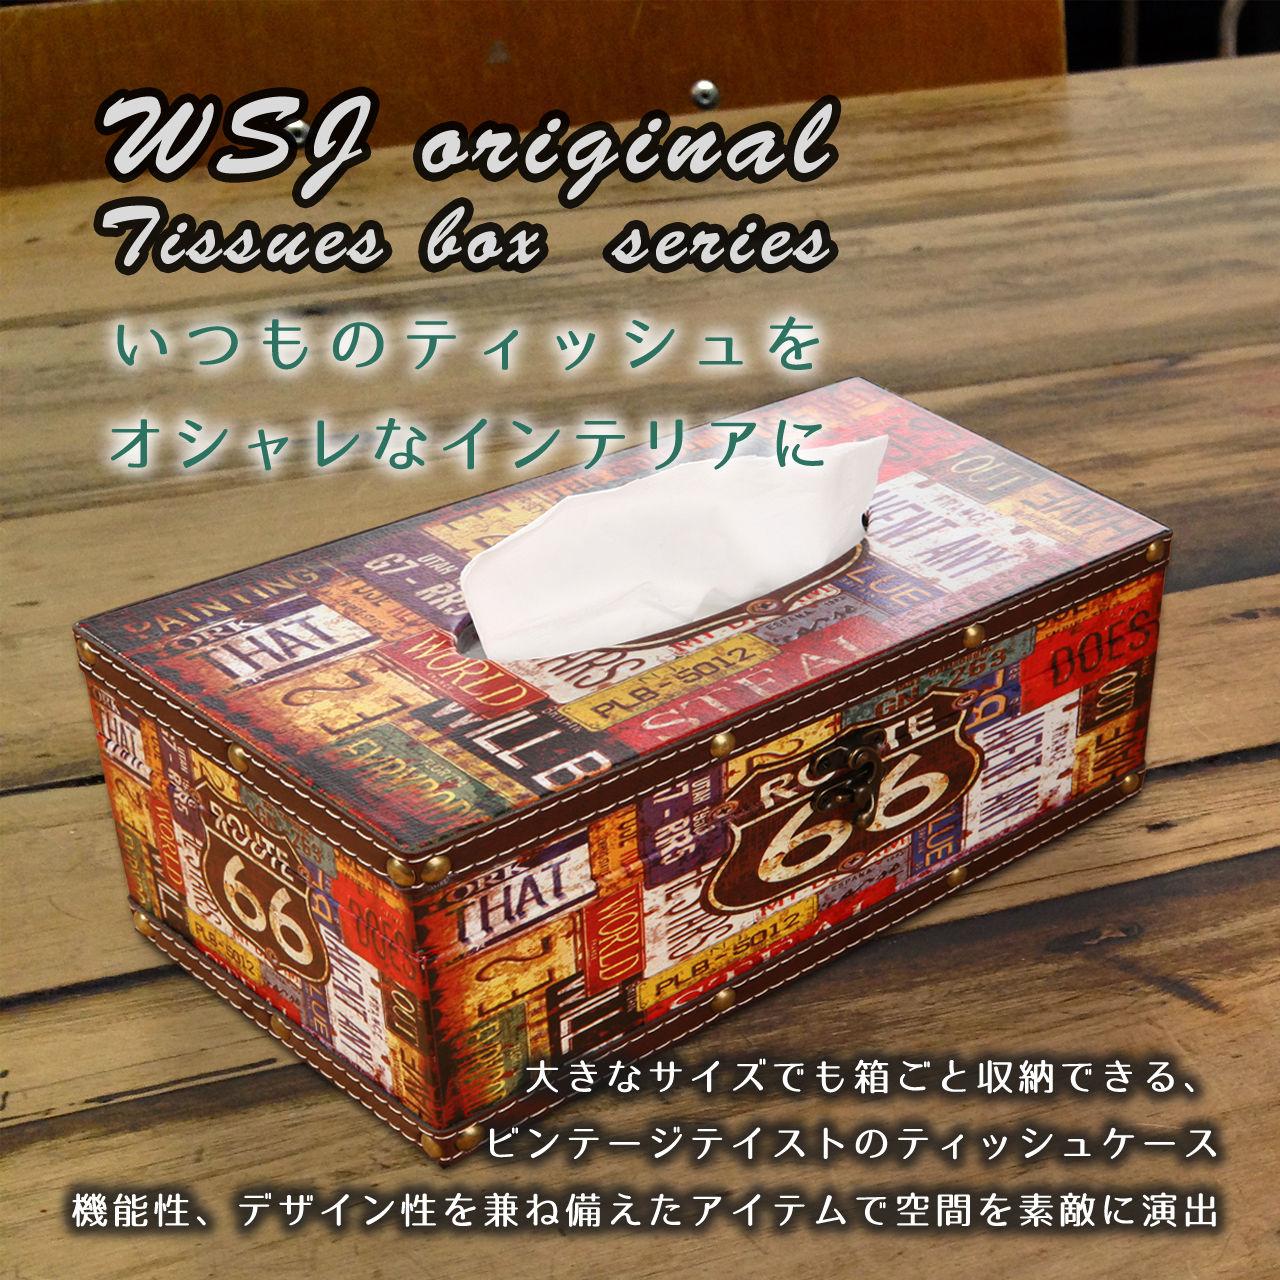 WSJ ティッシュケース 箱ごと入る ティッシュボックス おしゃれ アンティーク 木製 (ルート66)